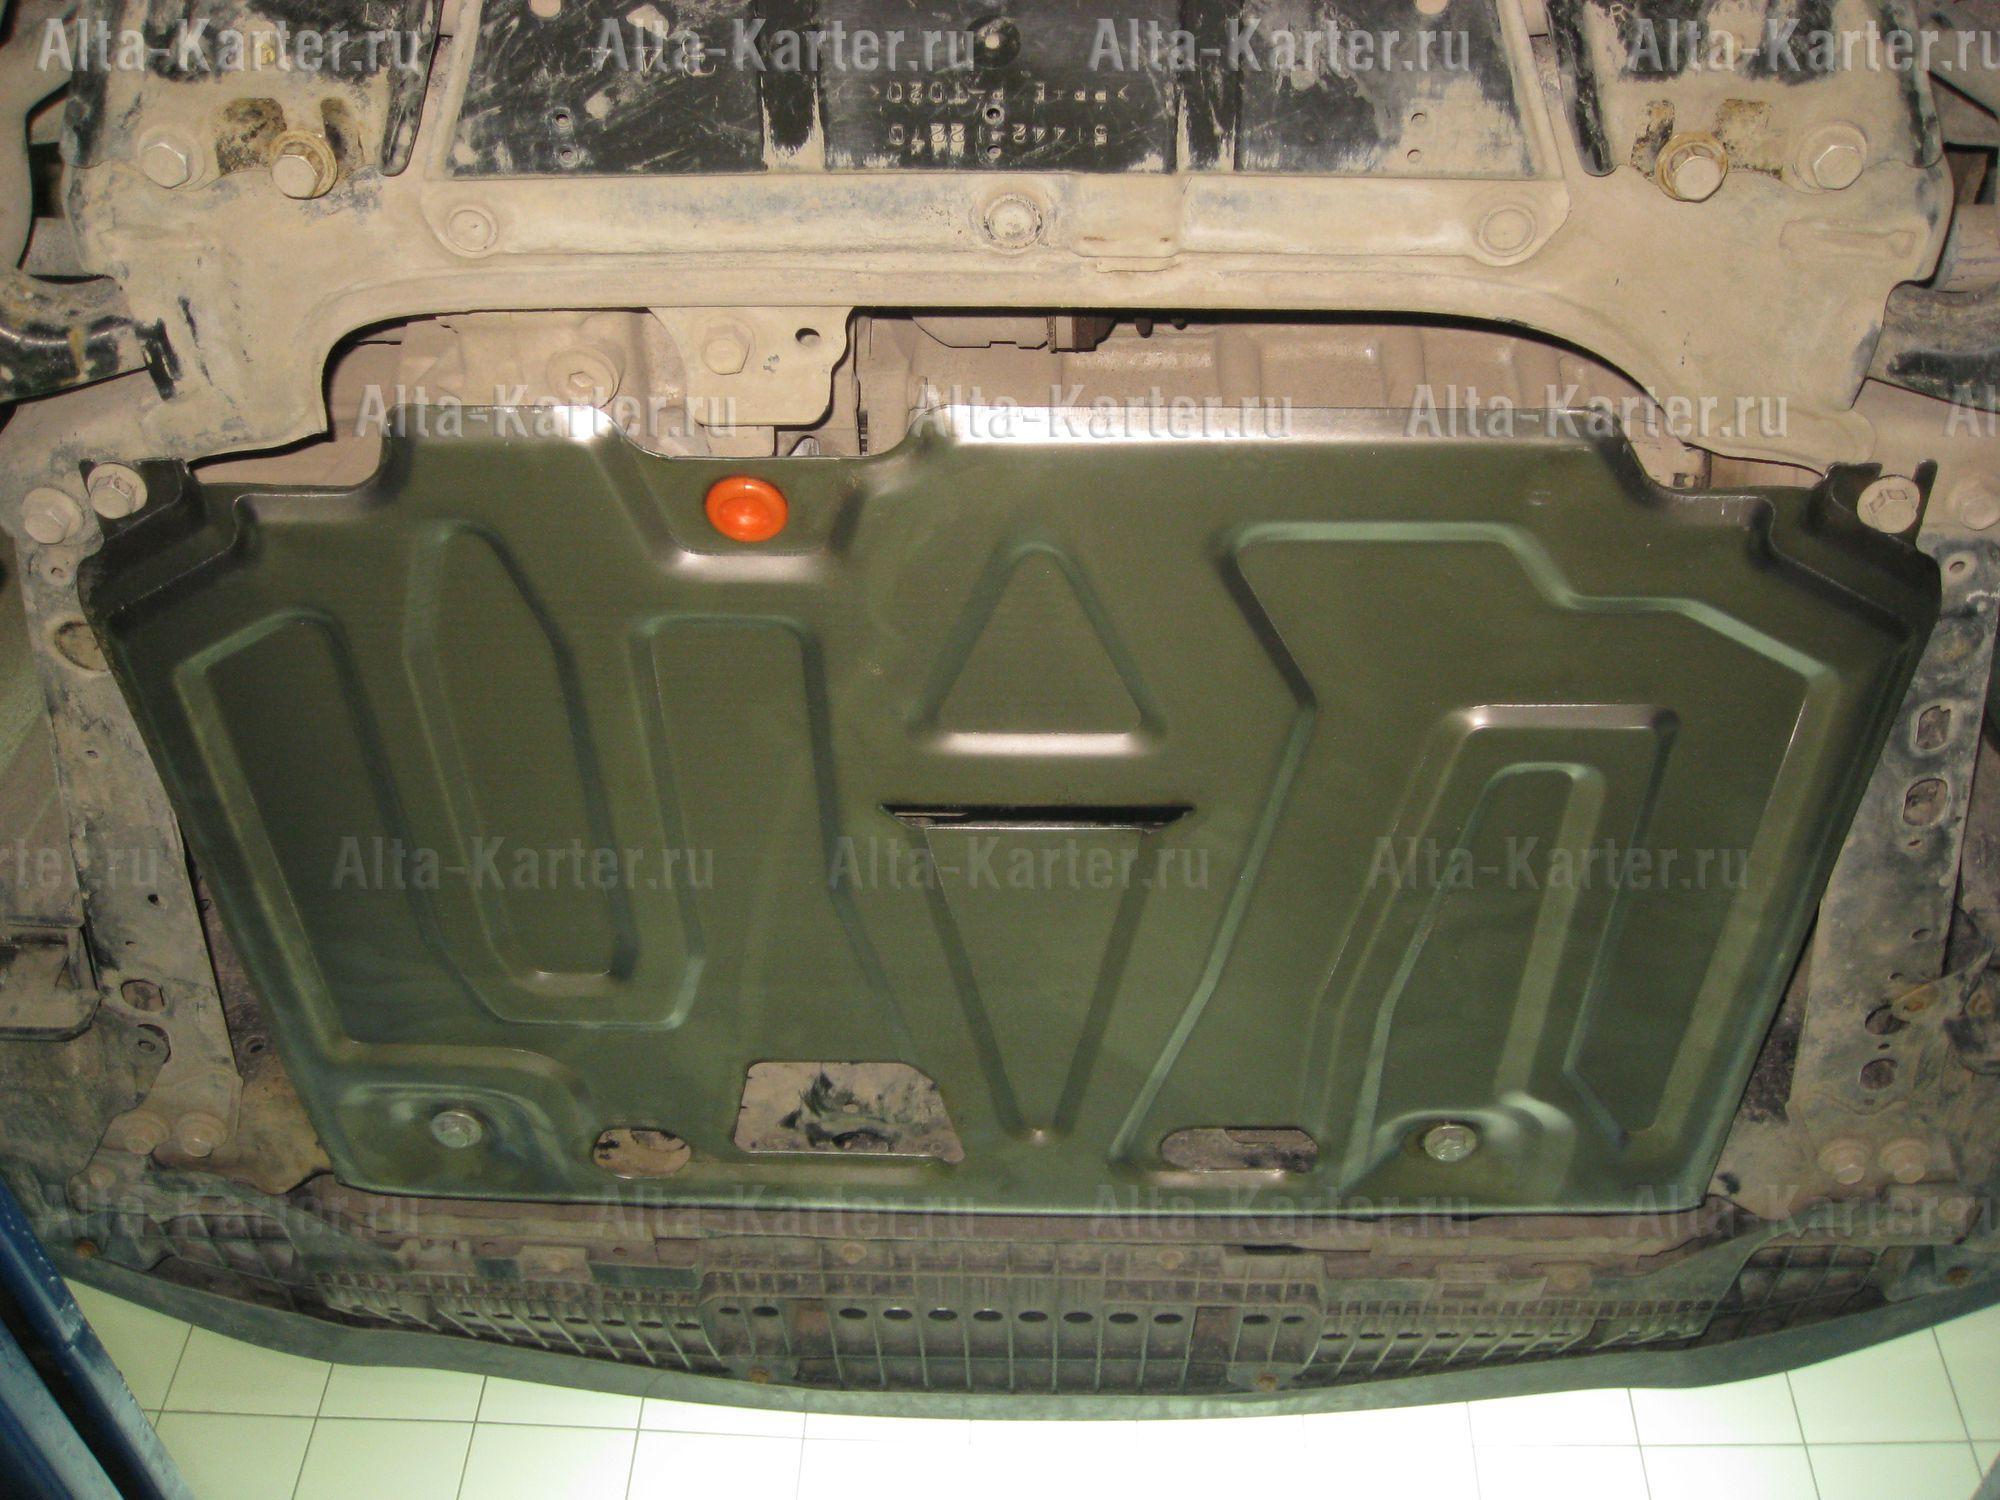 Защита Alfeco для картера и КПП Toyota Auris I E150 2007-2012. Артикул ALF.24.750st